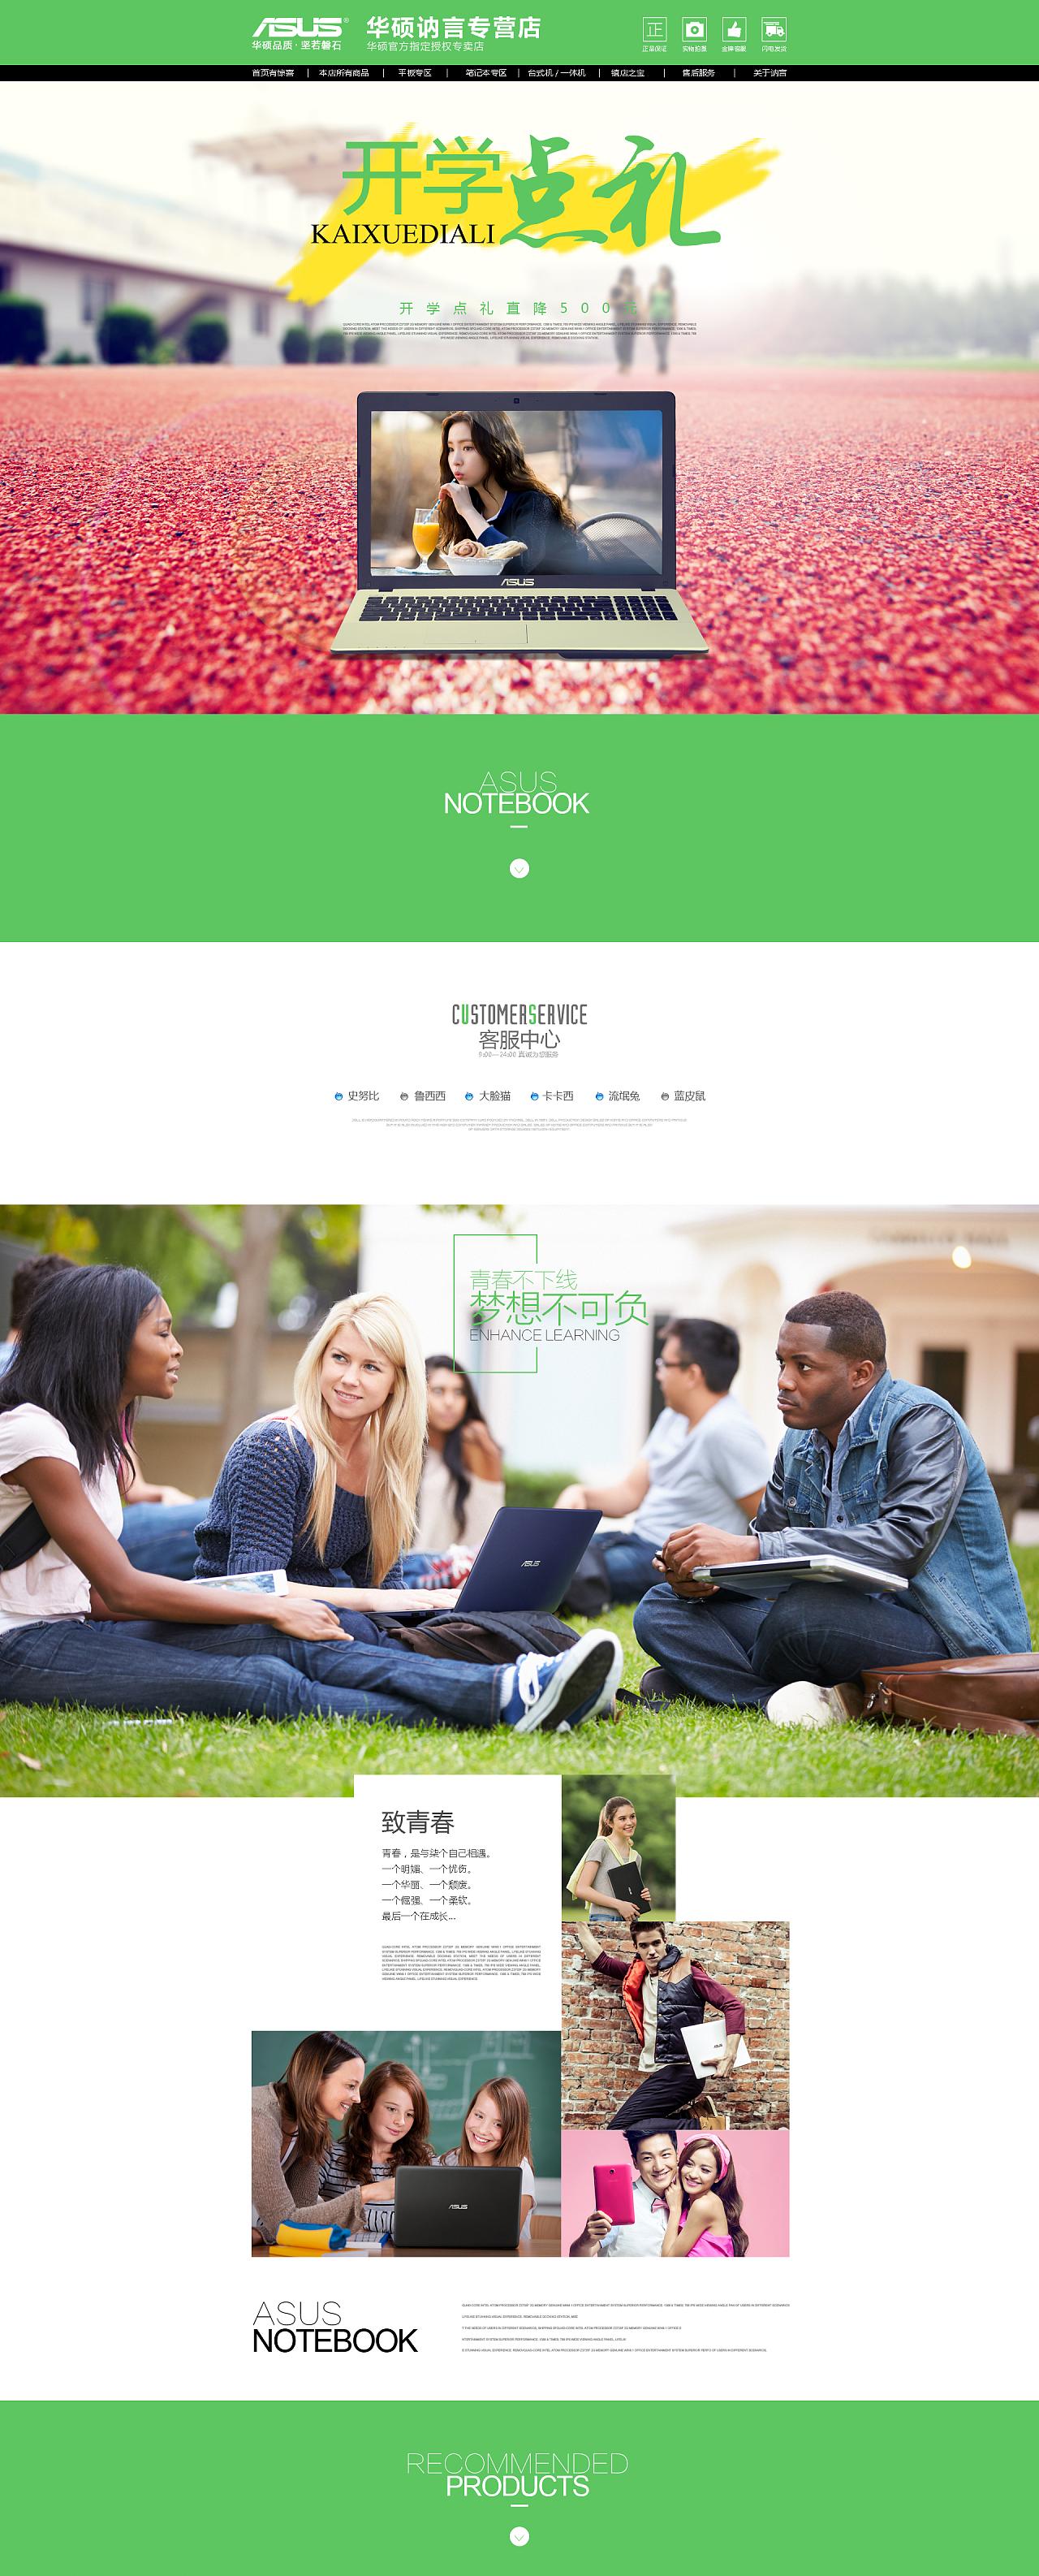 电子商务网页设计|网页|电商|djx5641661 - 原创作品图片